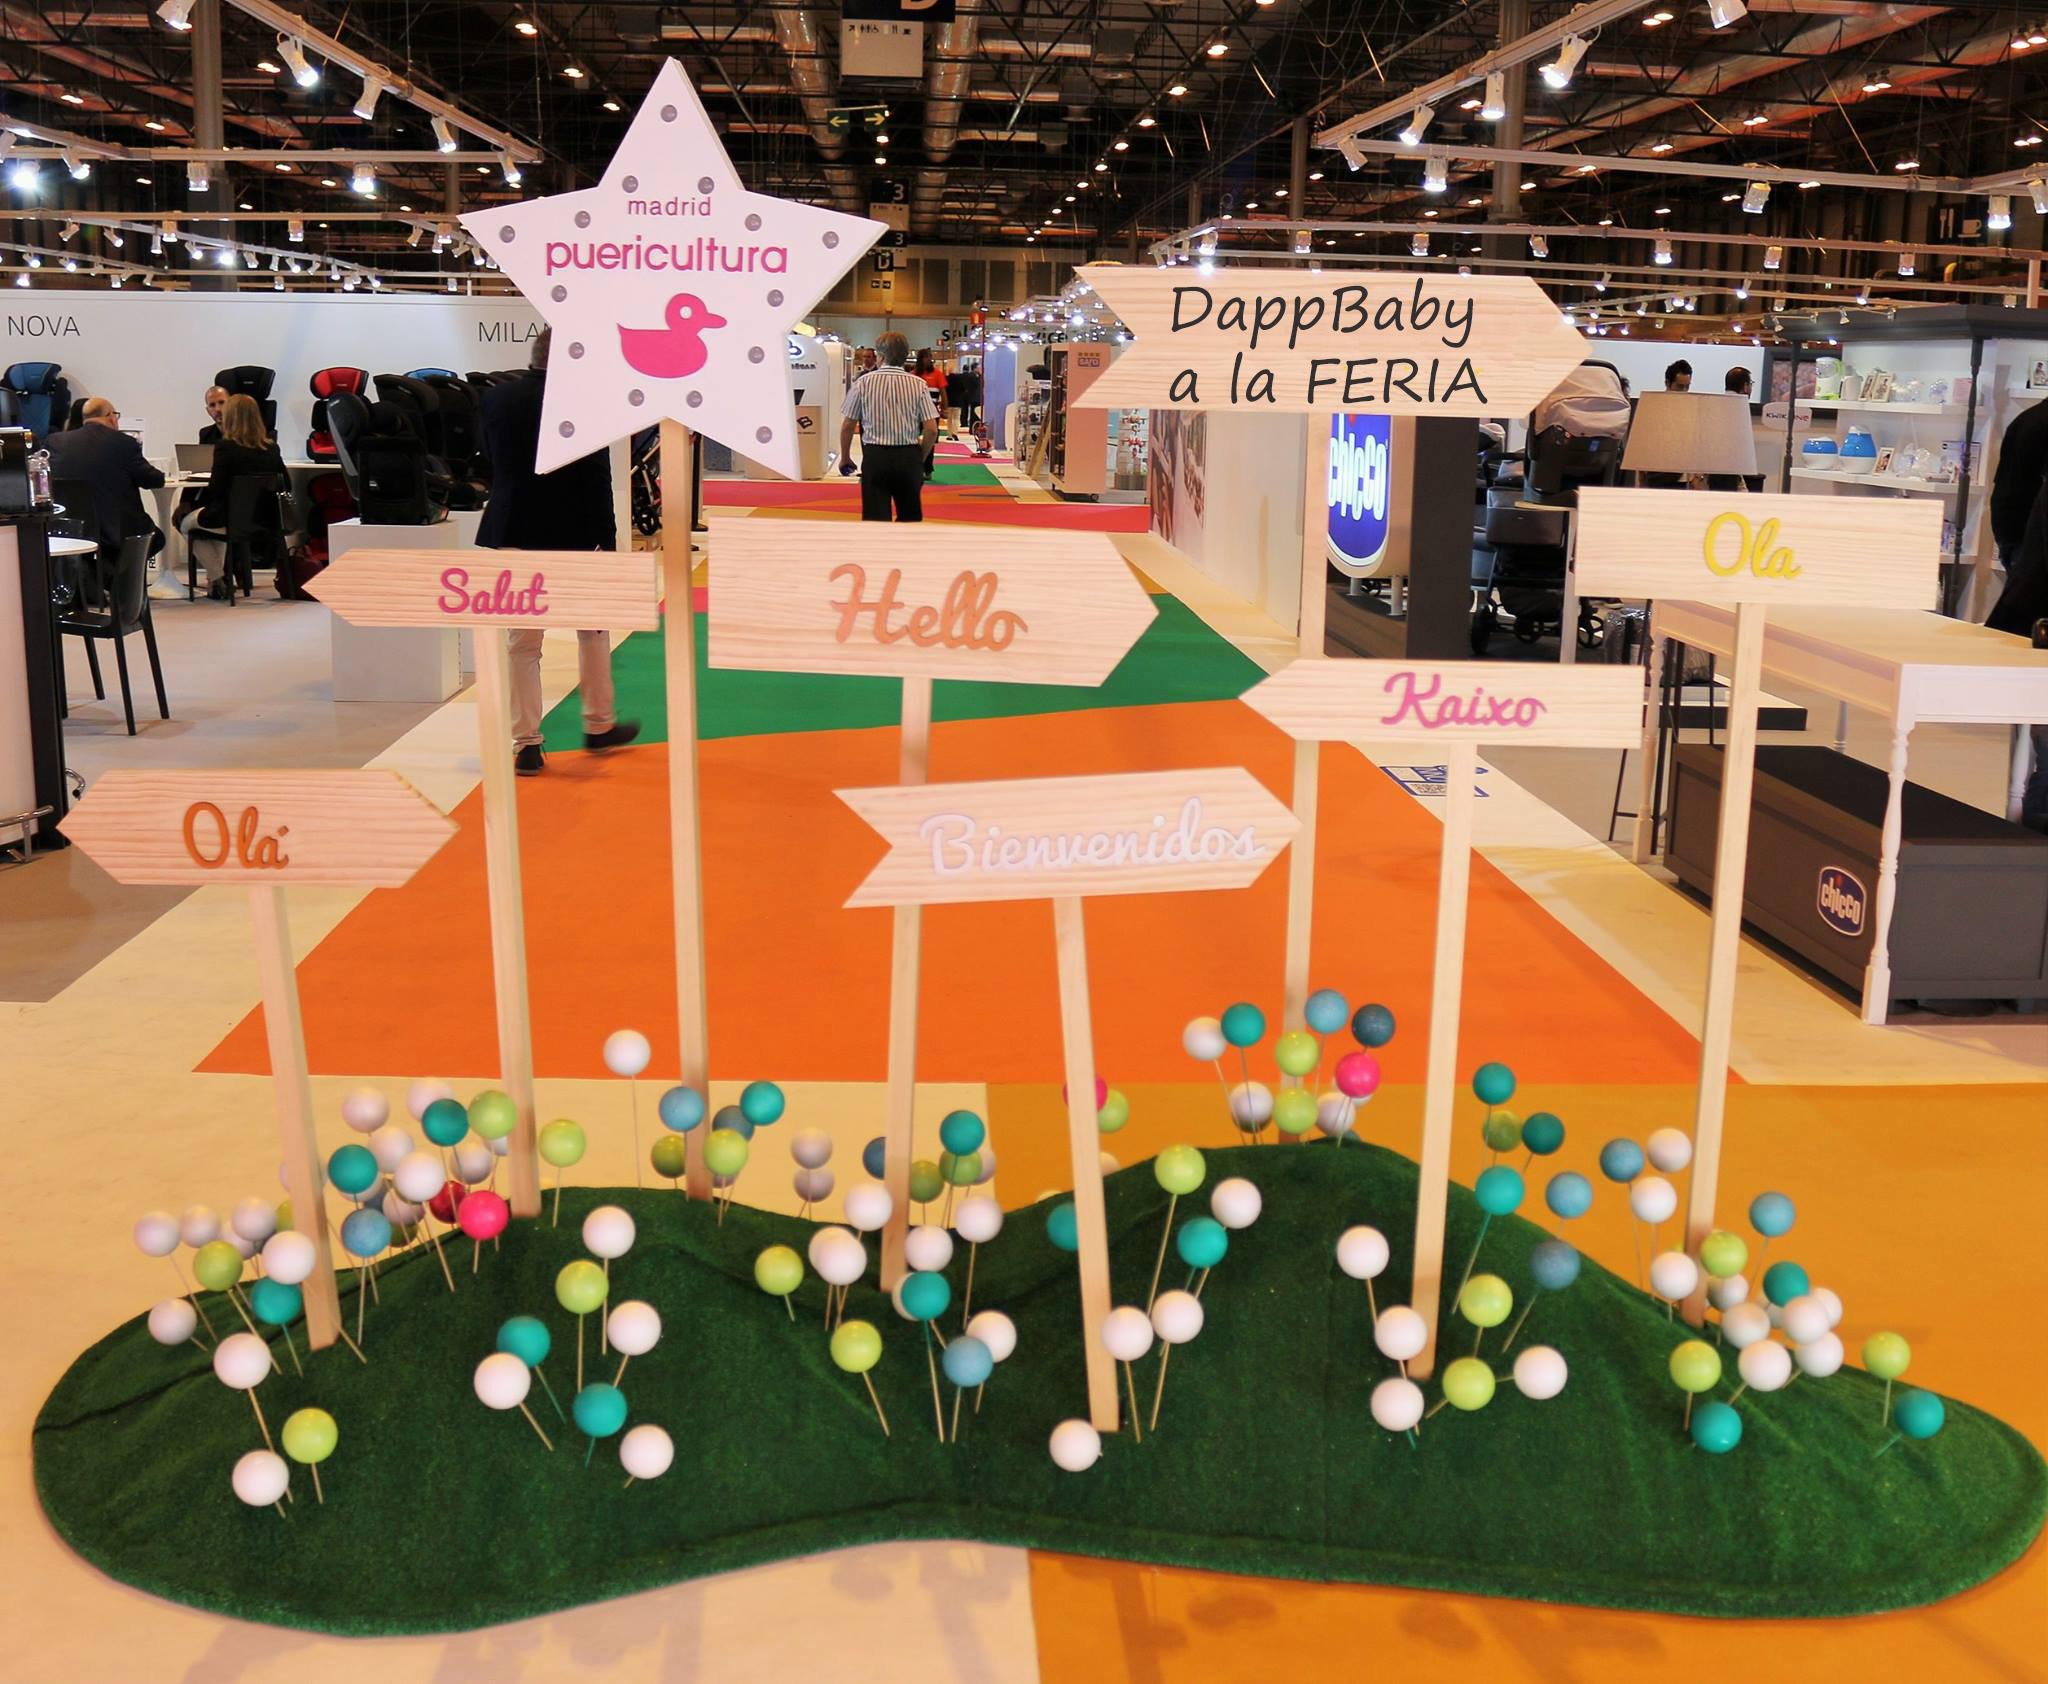 feria de puericultura madrid 2017 puericultura-innovadora-original-regalos-originales-bebe-accesorios-zaragoza-online